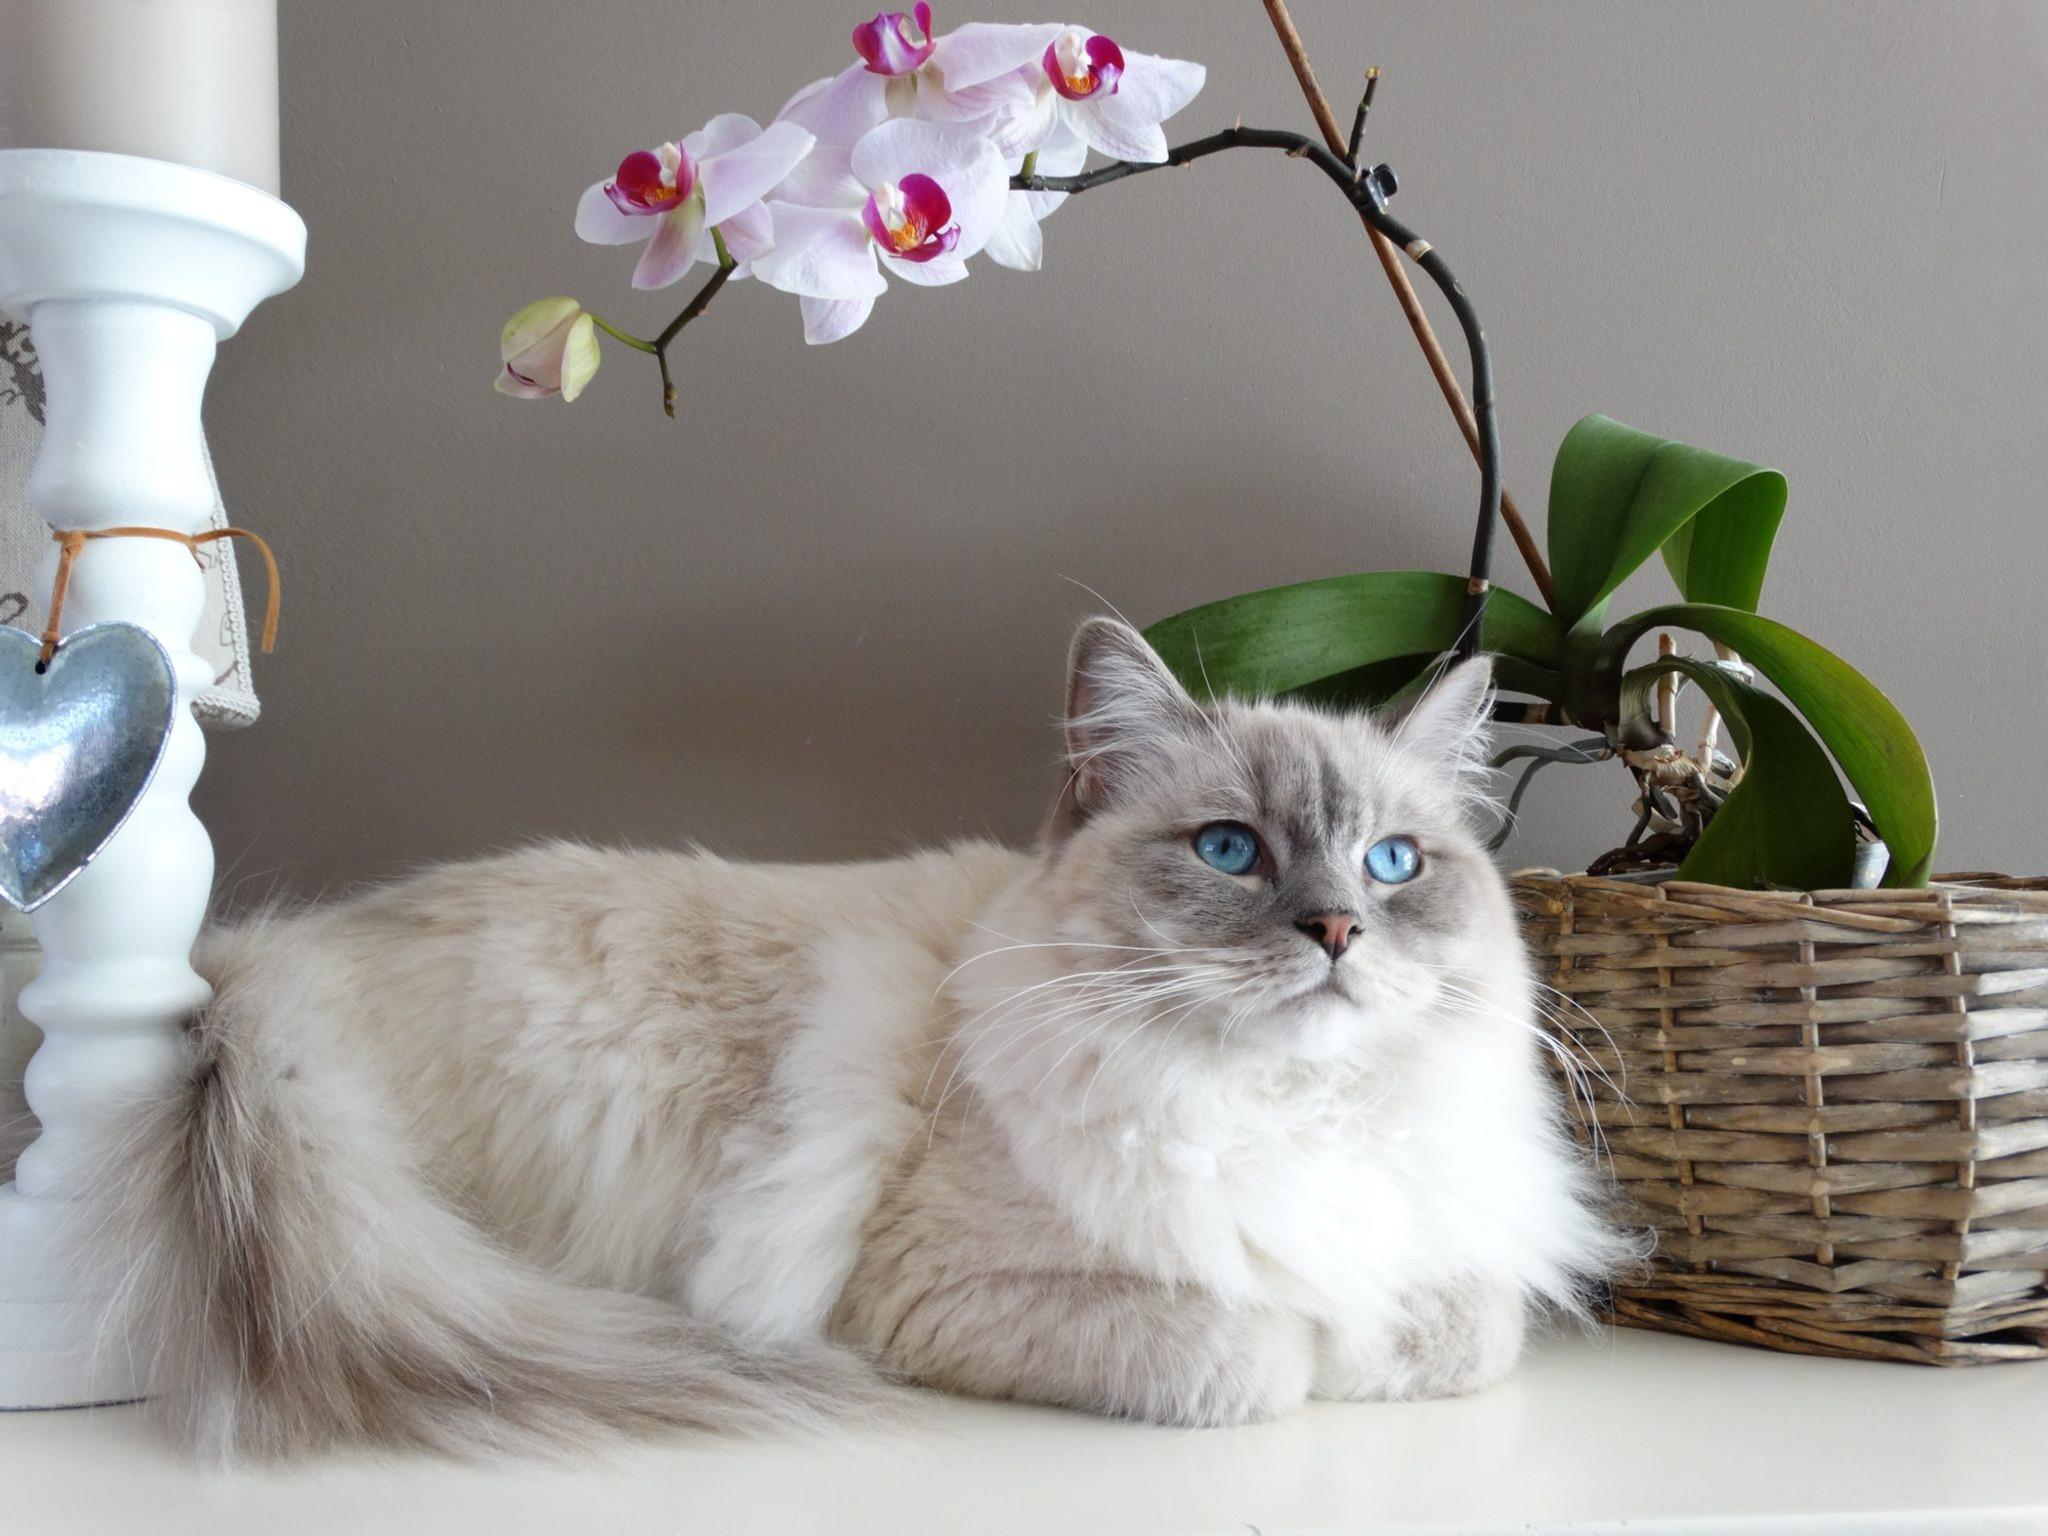 Kittie care